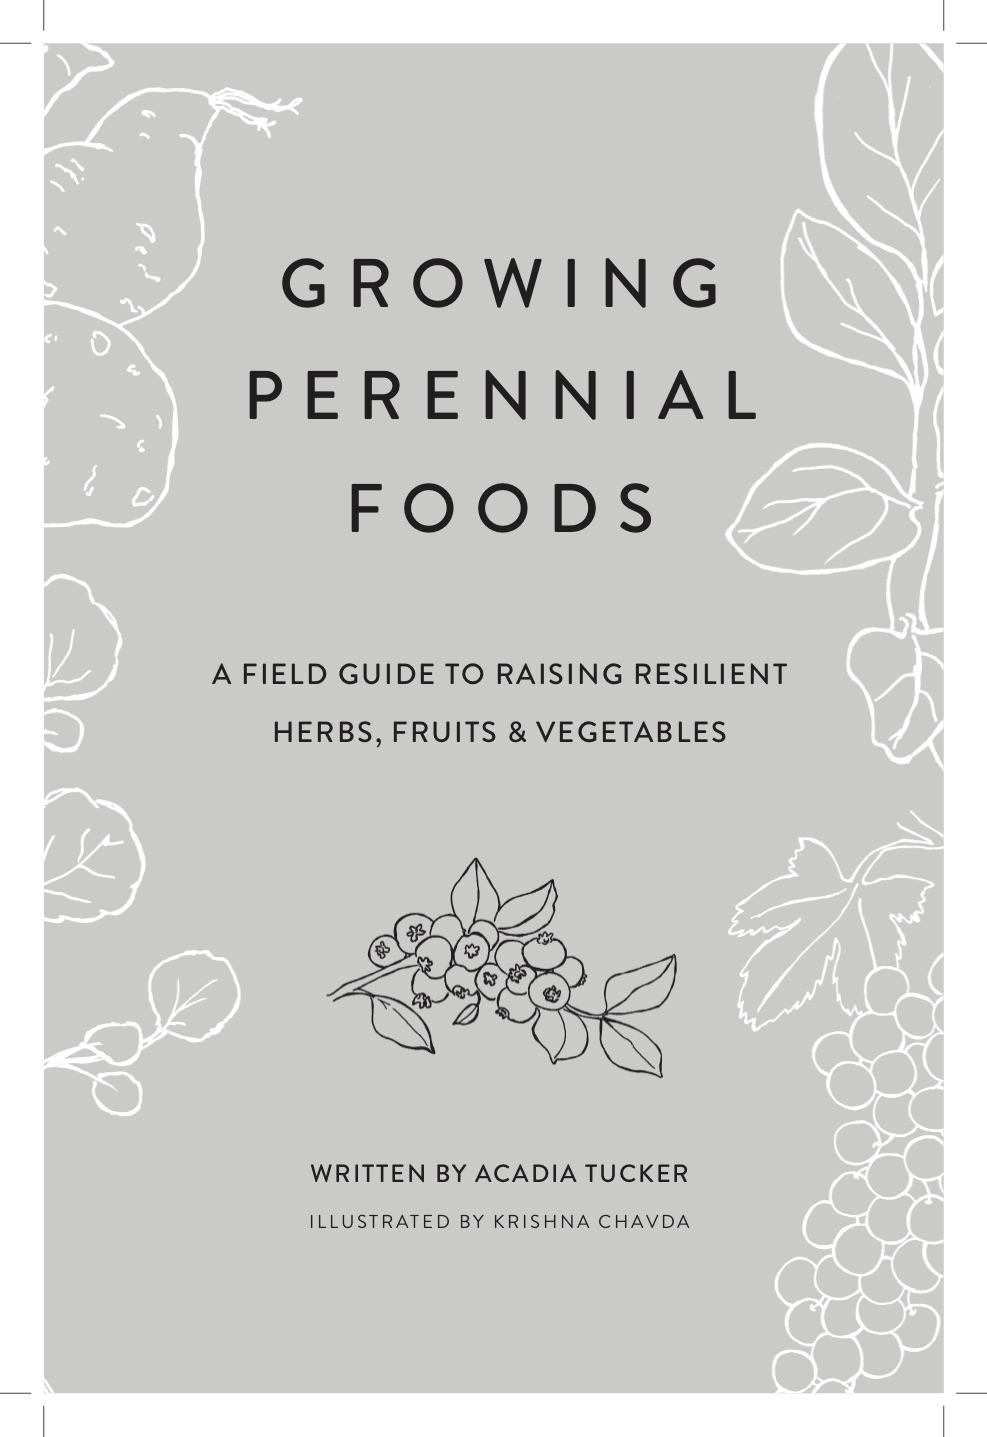 Growing Perennial Foods Preview 1.jpg